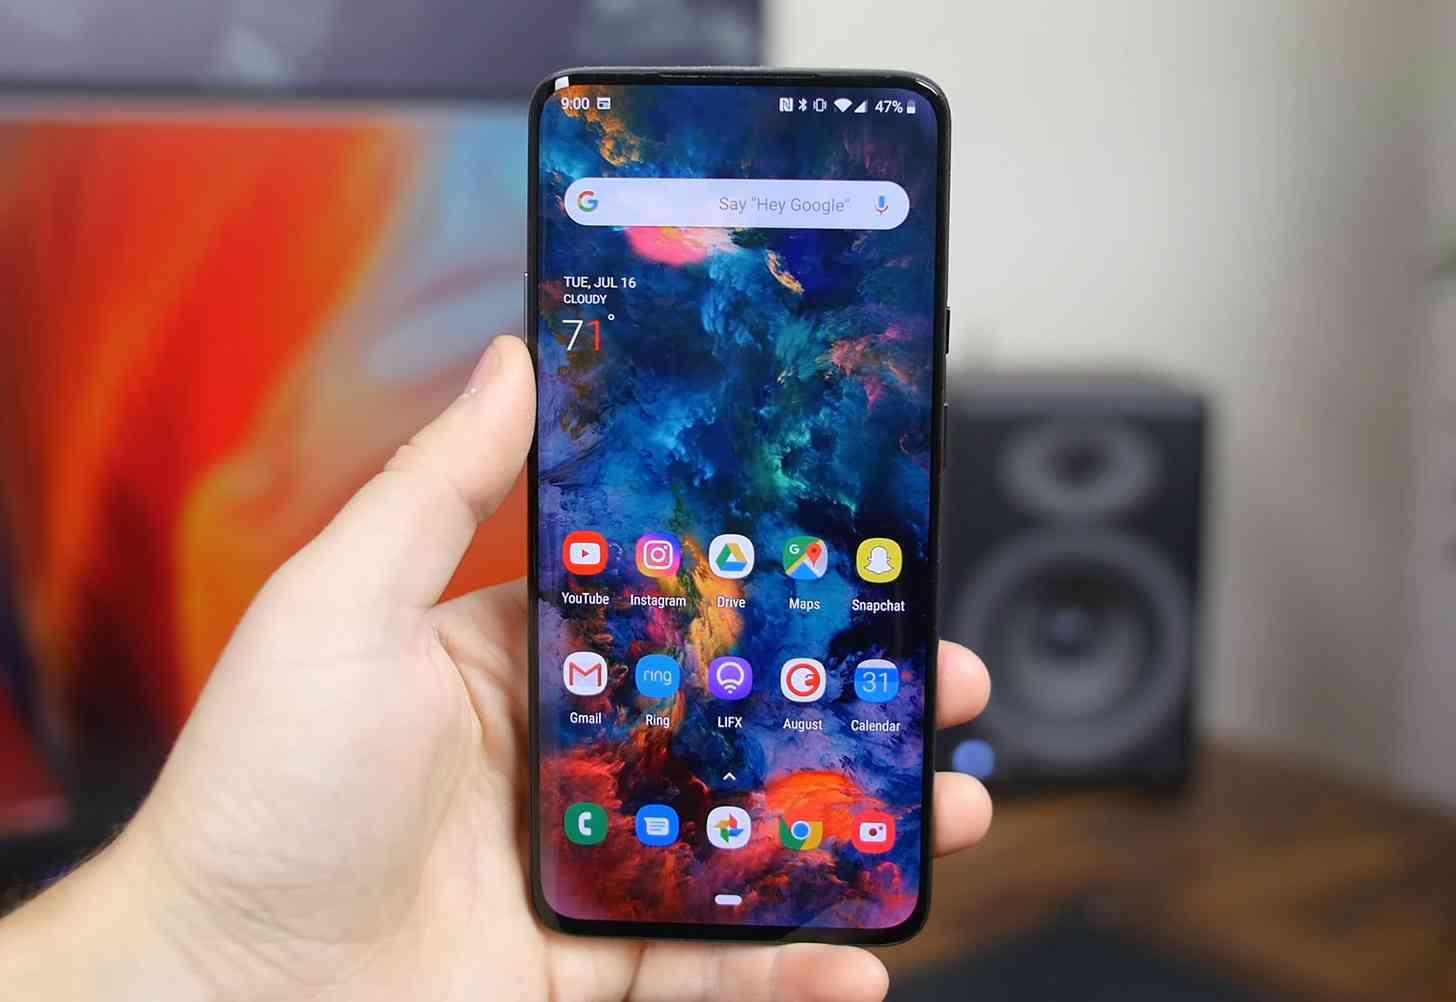 """OnePlus 7T Pro: Máy sở hữu màn hình AMOLED cong kích thước 6,67-inch với độ phân giải QHD+, tần số quét 90Hz cùng công nghệ cảm biến vân tay tích hợp trong màn hình. Có thể nói màn hình chính là một trong những tính năng """"ăn điểm"""" nhất trên chiếc smartphone này."""